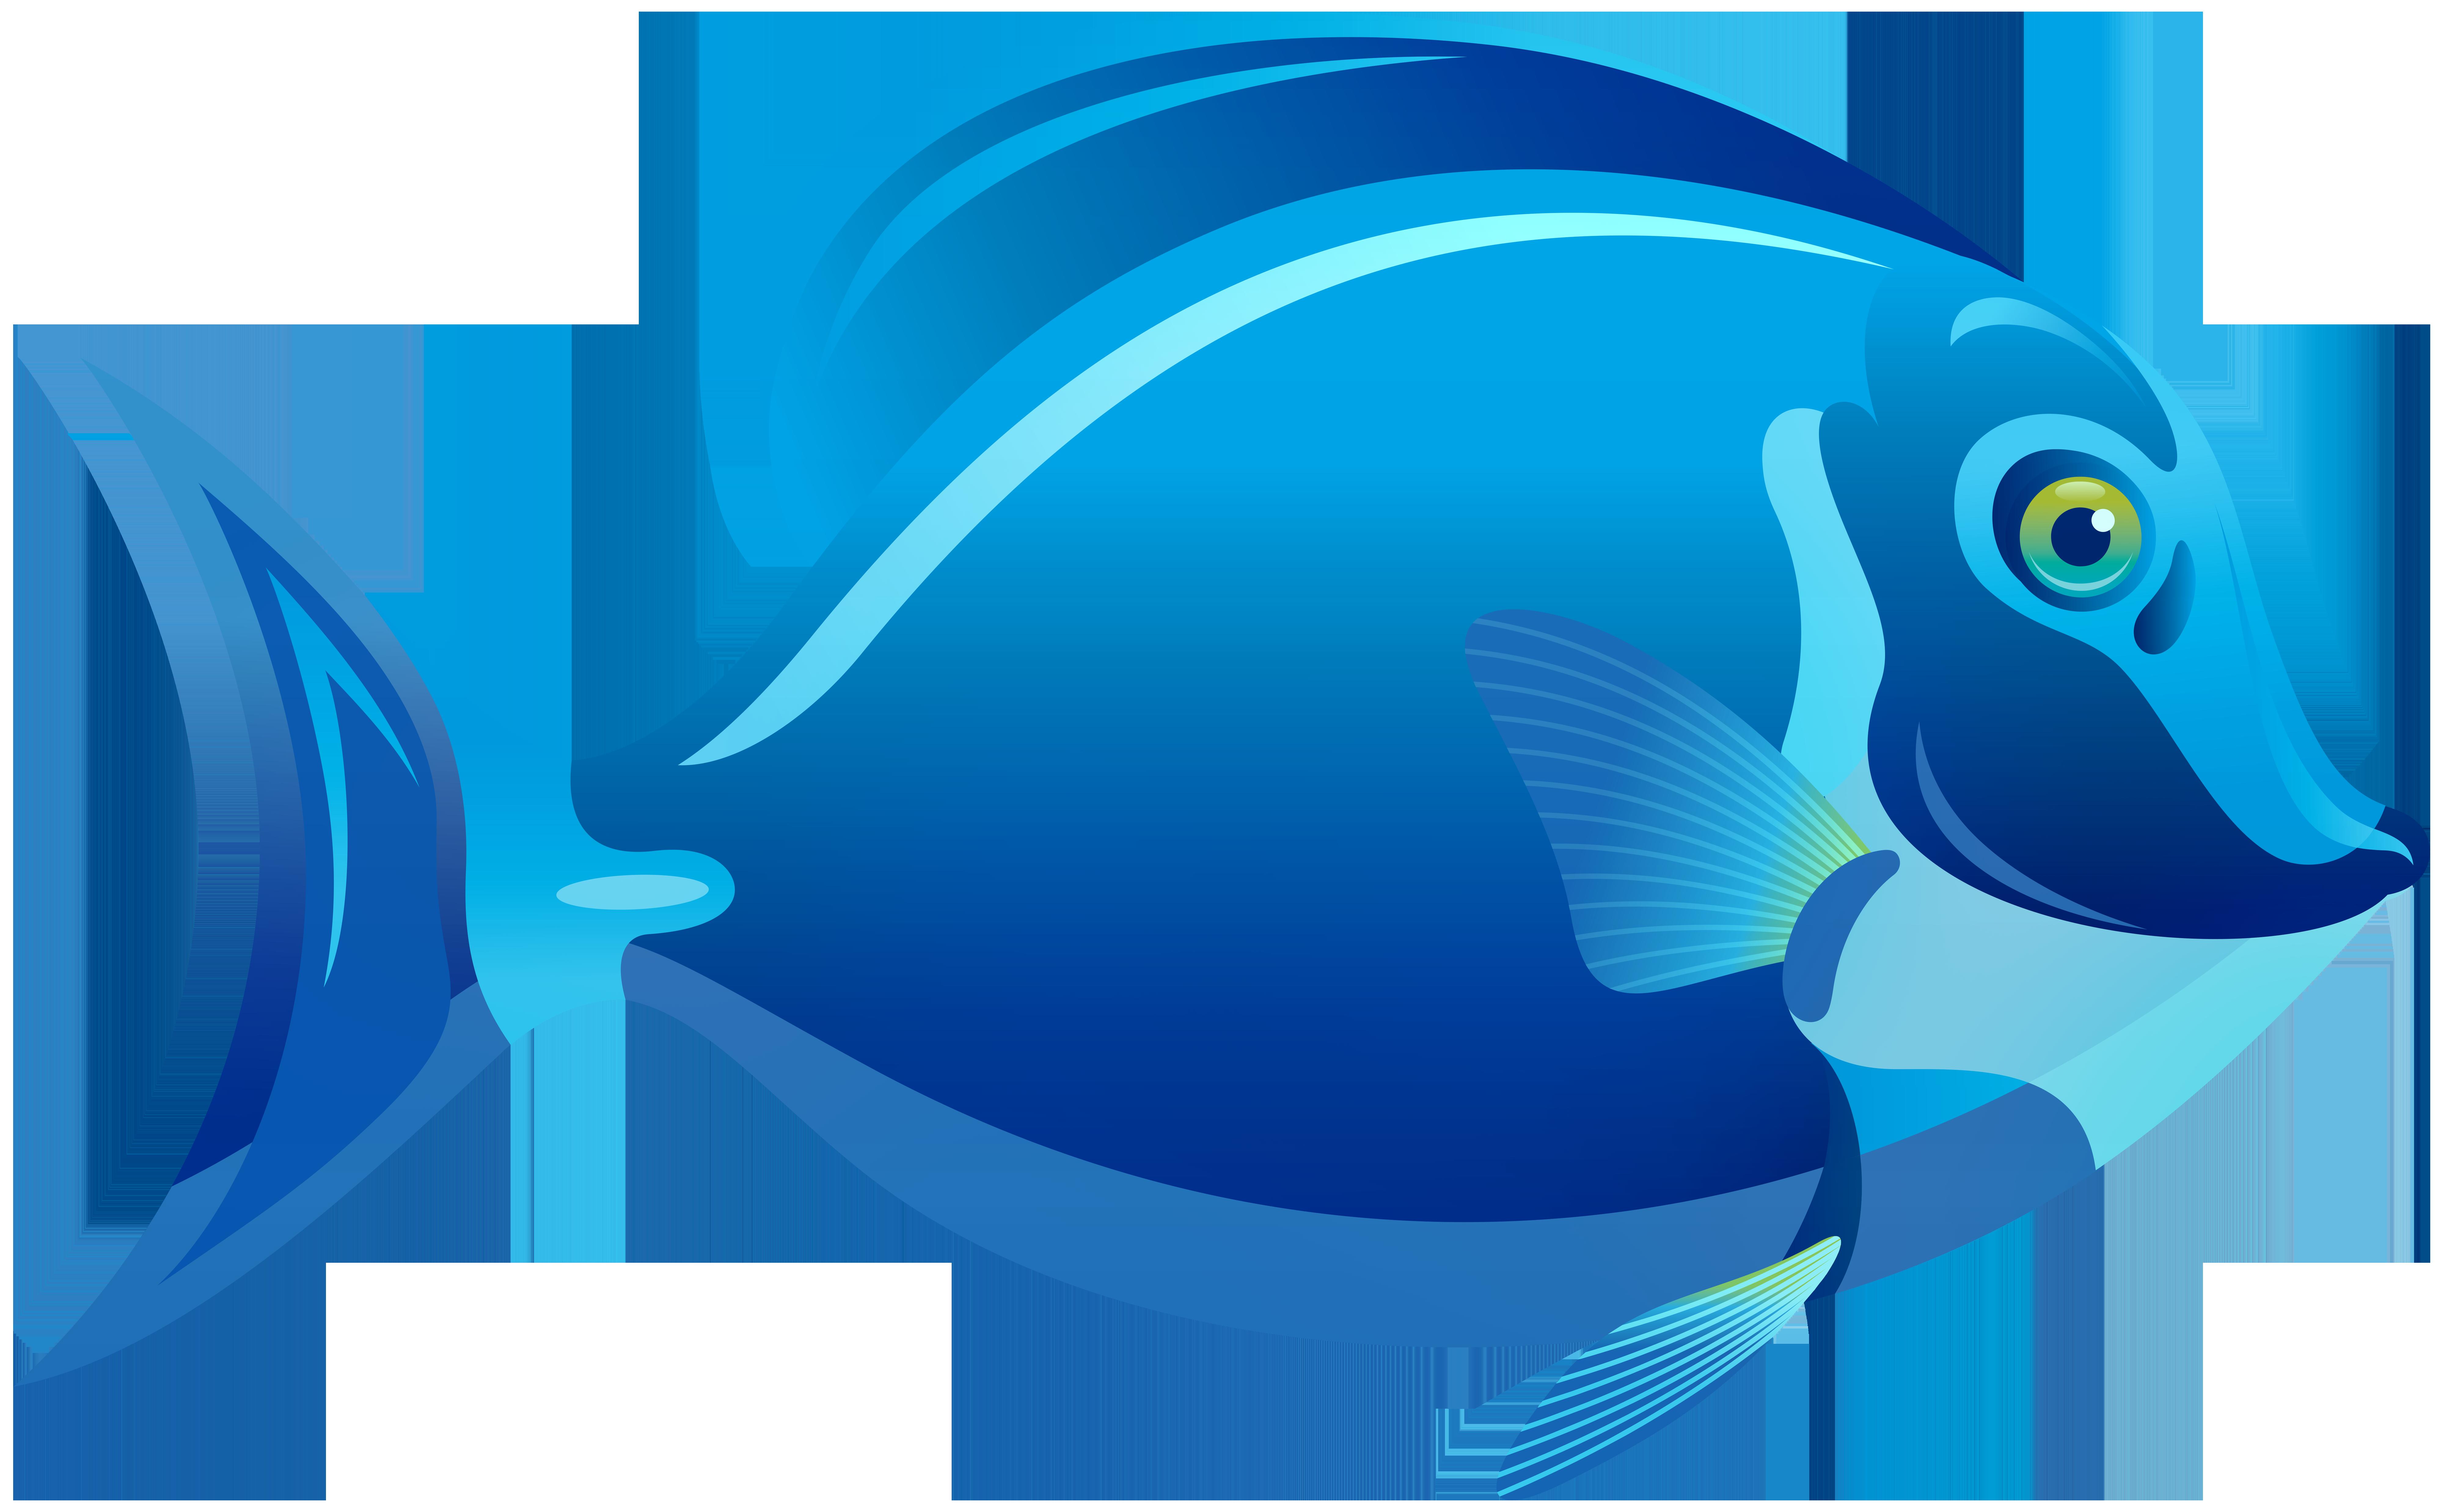 Fish clipart blue. Png best web